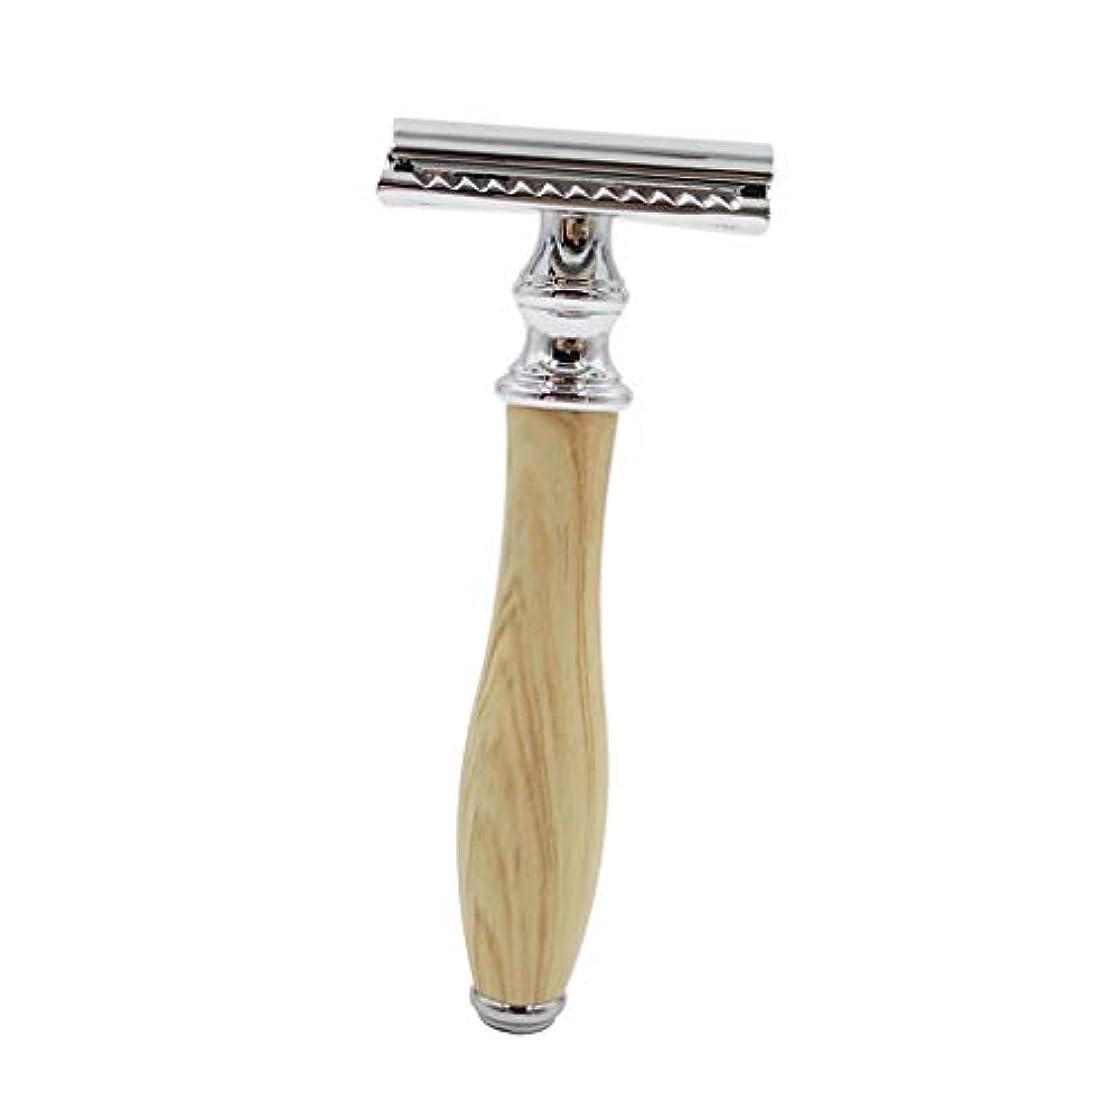 高尚な工夫する沈黙剃刀 男性 手動シェーバー ダブルエッジ シェービングかみそり 快適な ひげ剃り 全2色 - ベージュ